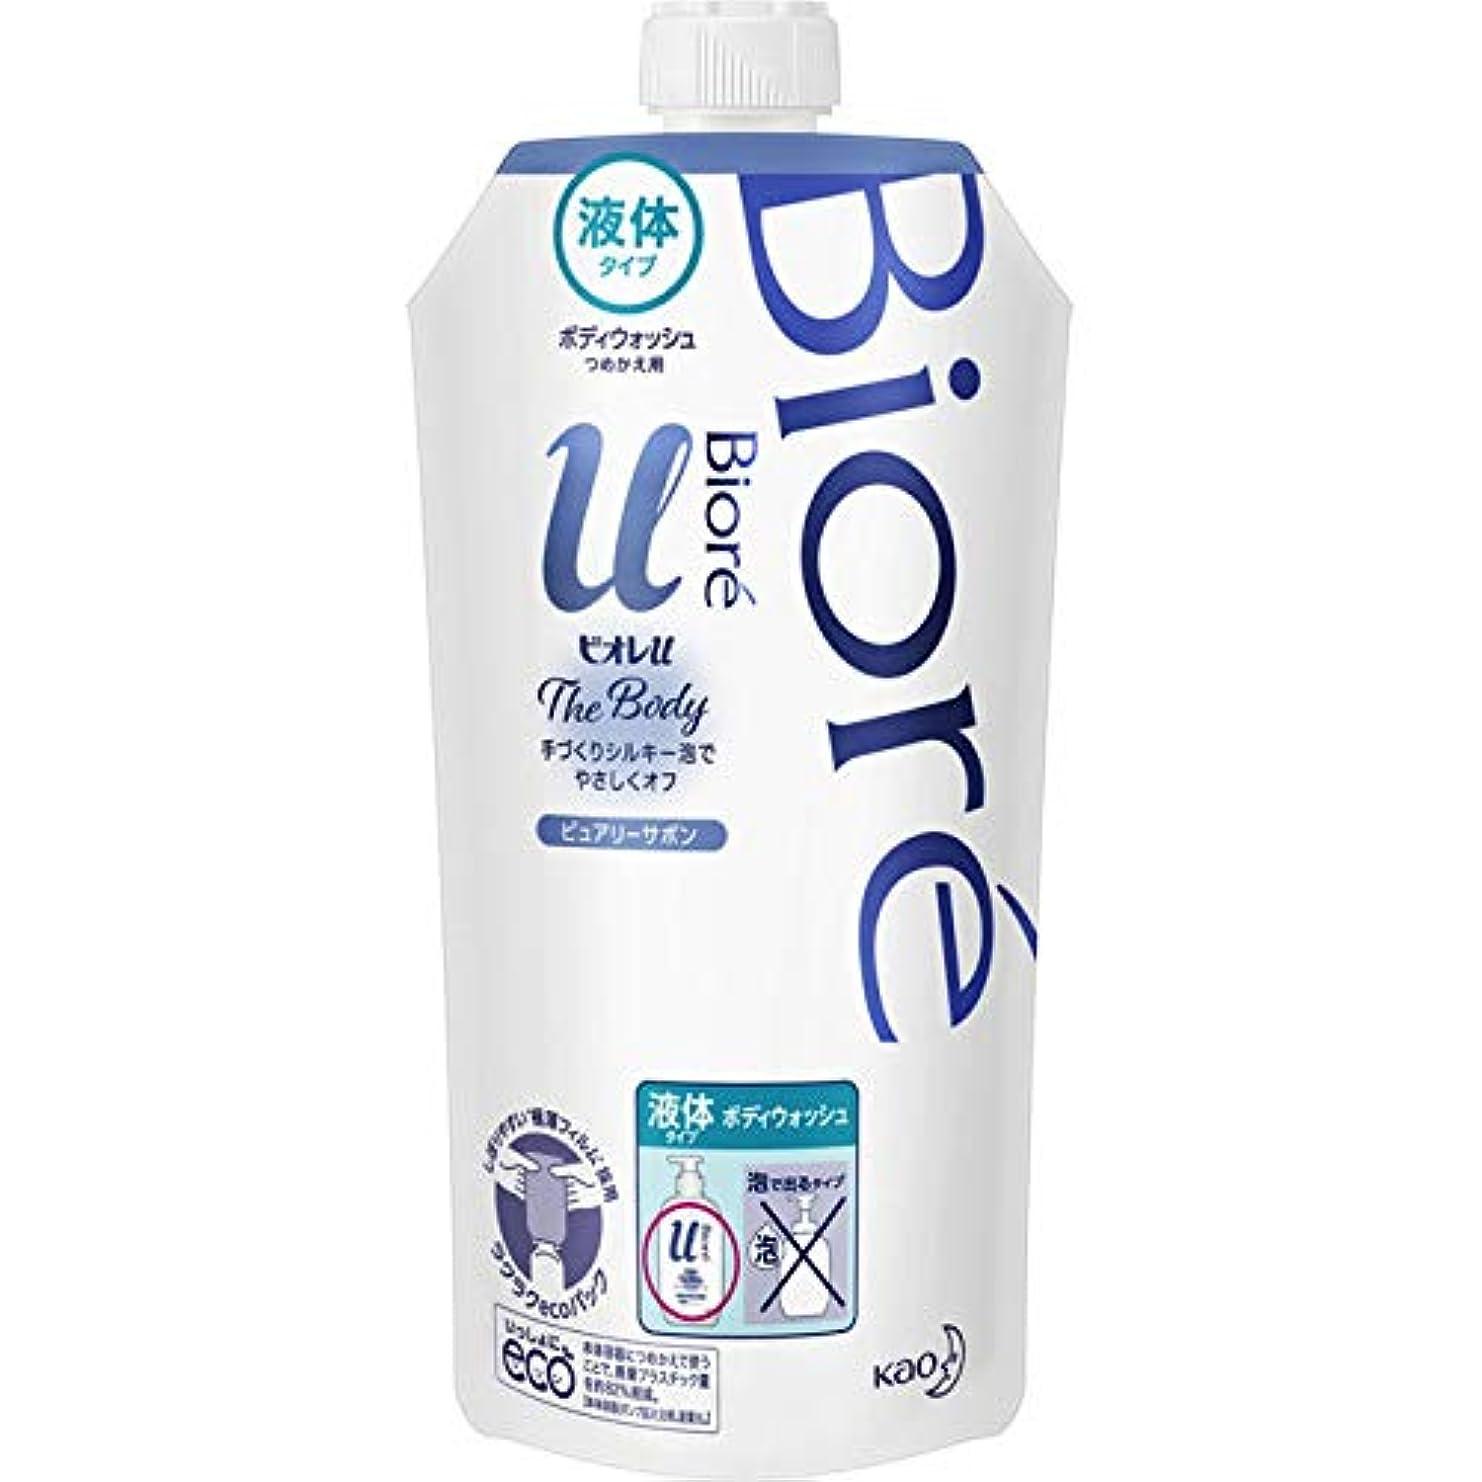 玉常習的道徳花王 ビオレu ザ ボディ液体ピュアリーサボンの香り 詰替え用 340ml